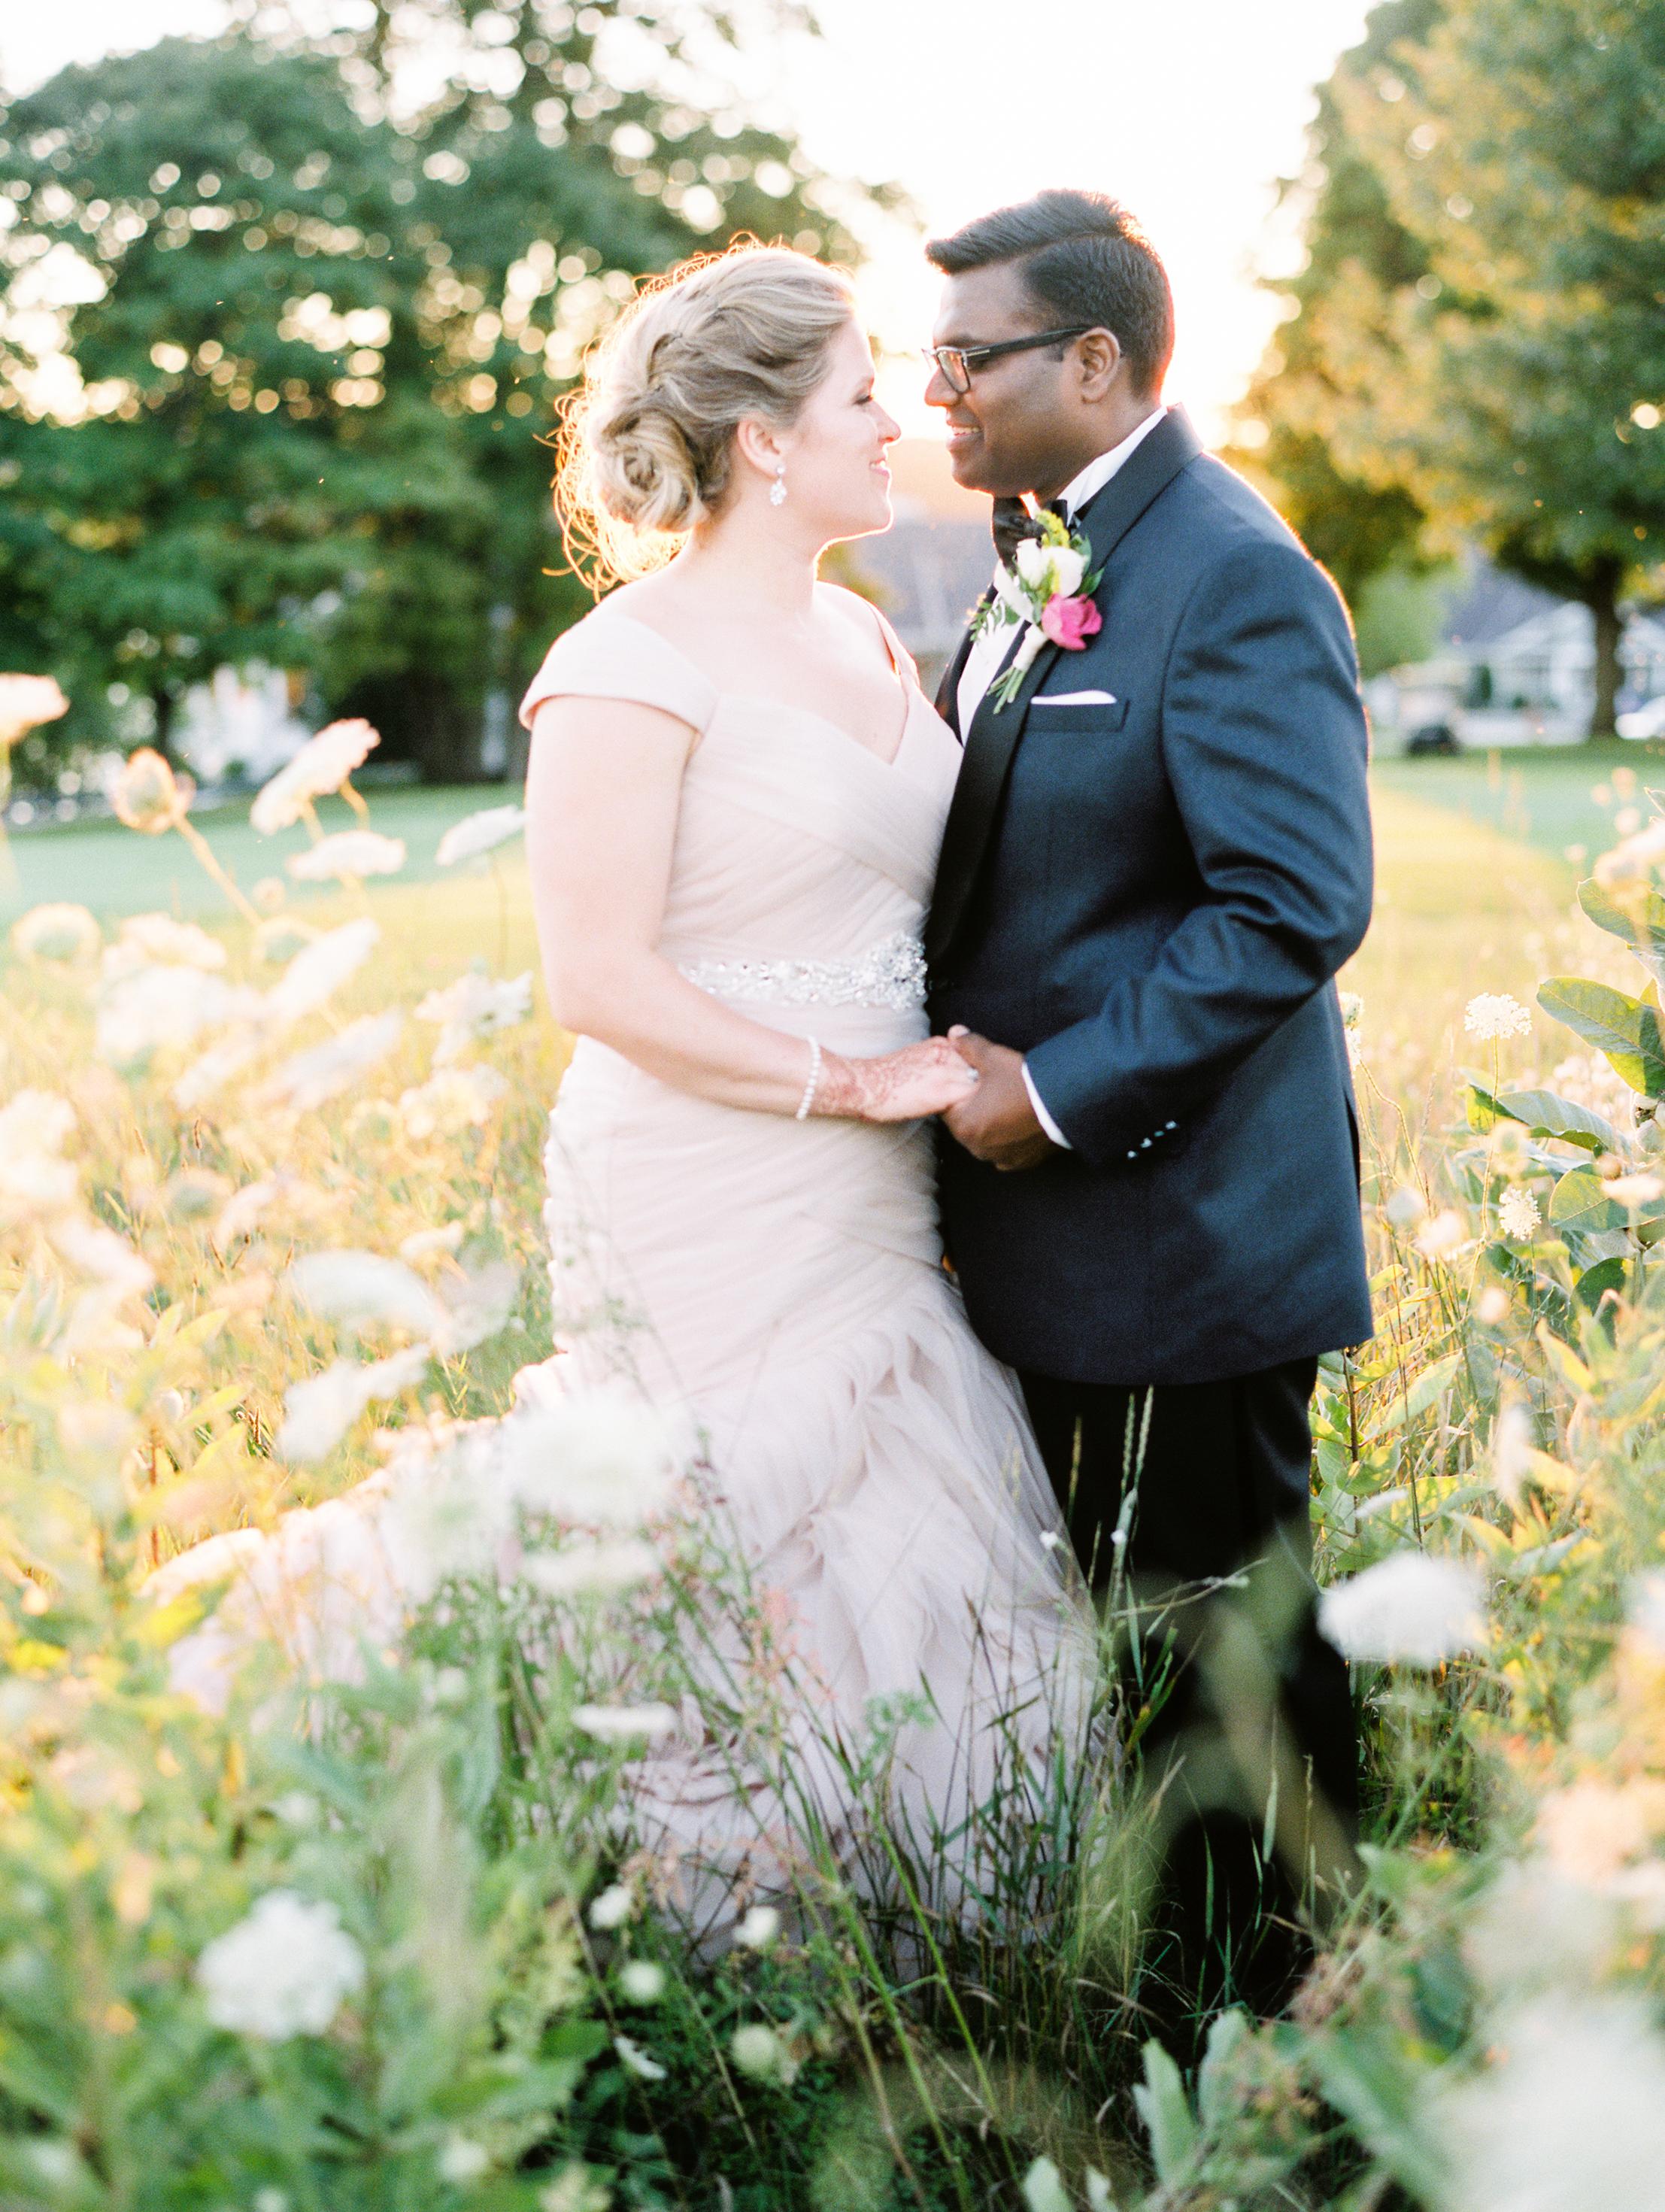 Govathoti+Wedding+Reception+BridalParty-74.jpg